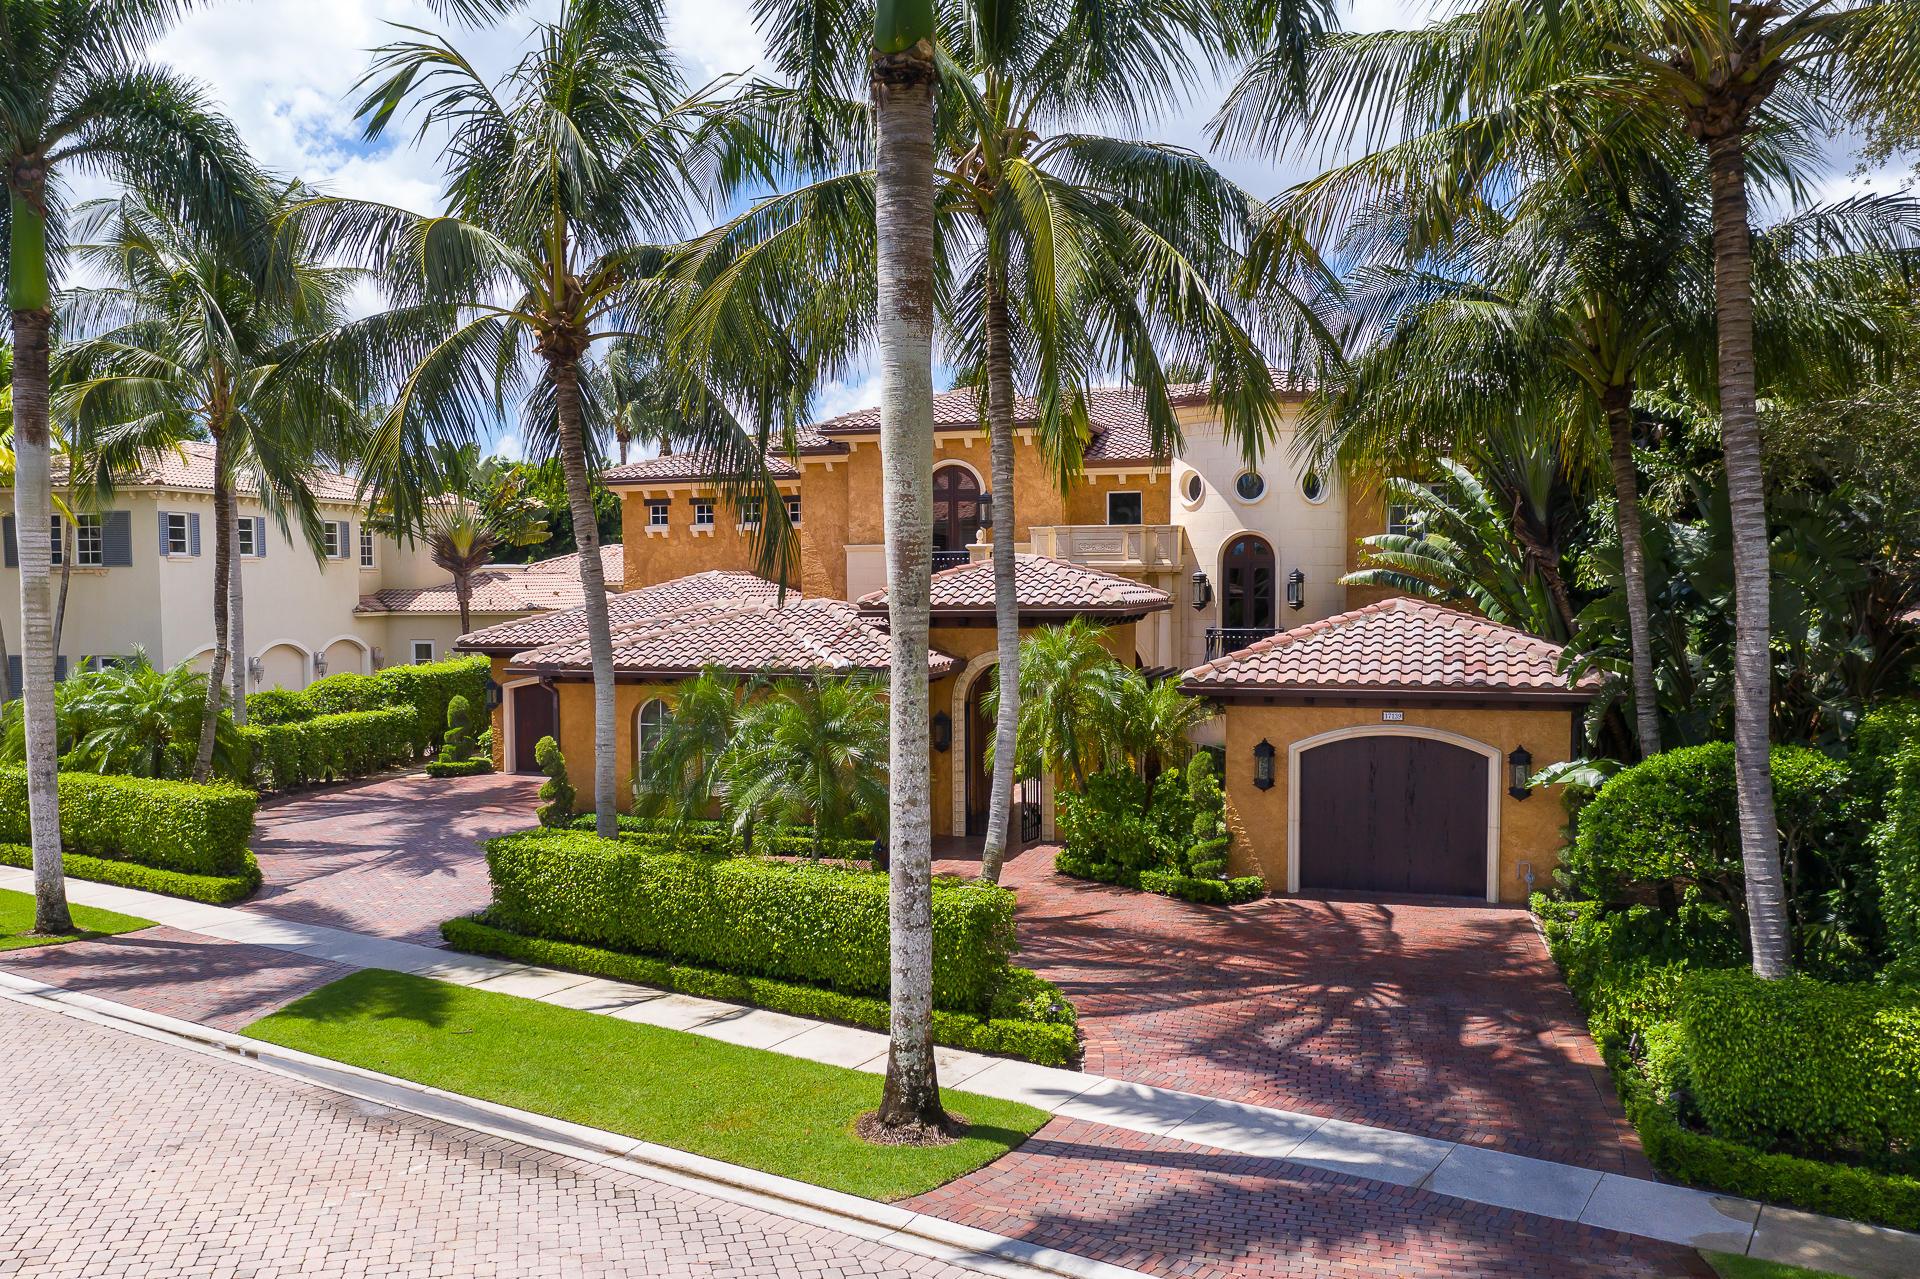 Photo of 17139 Avenue Le Rivage, Boca Raton, FL 33496